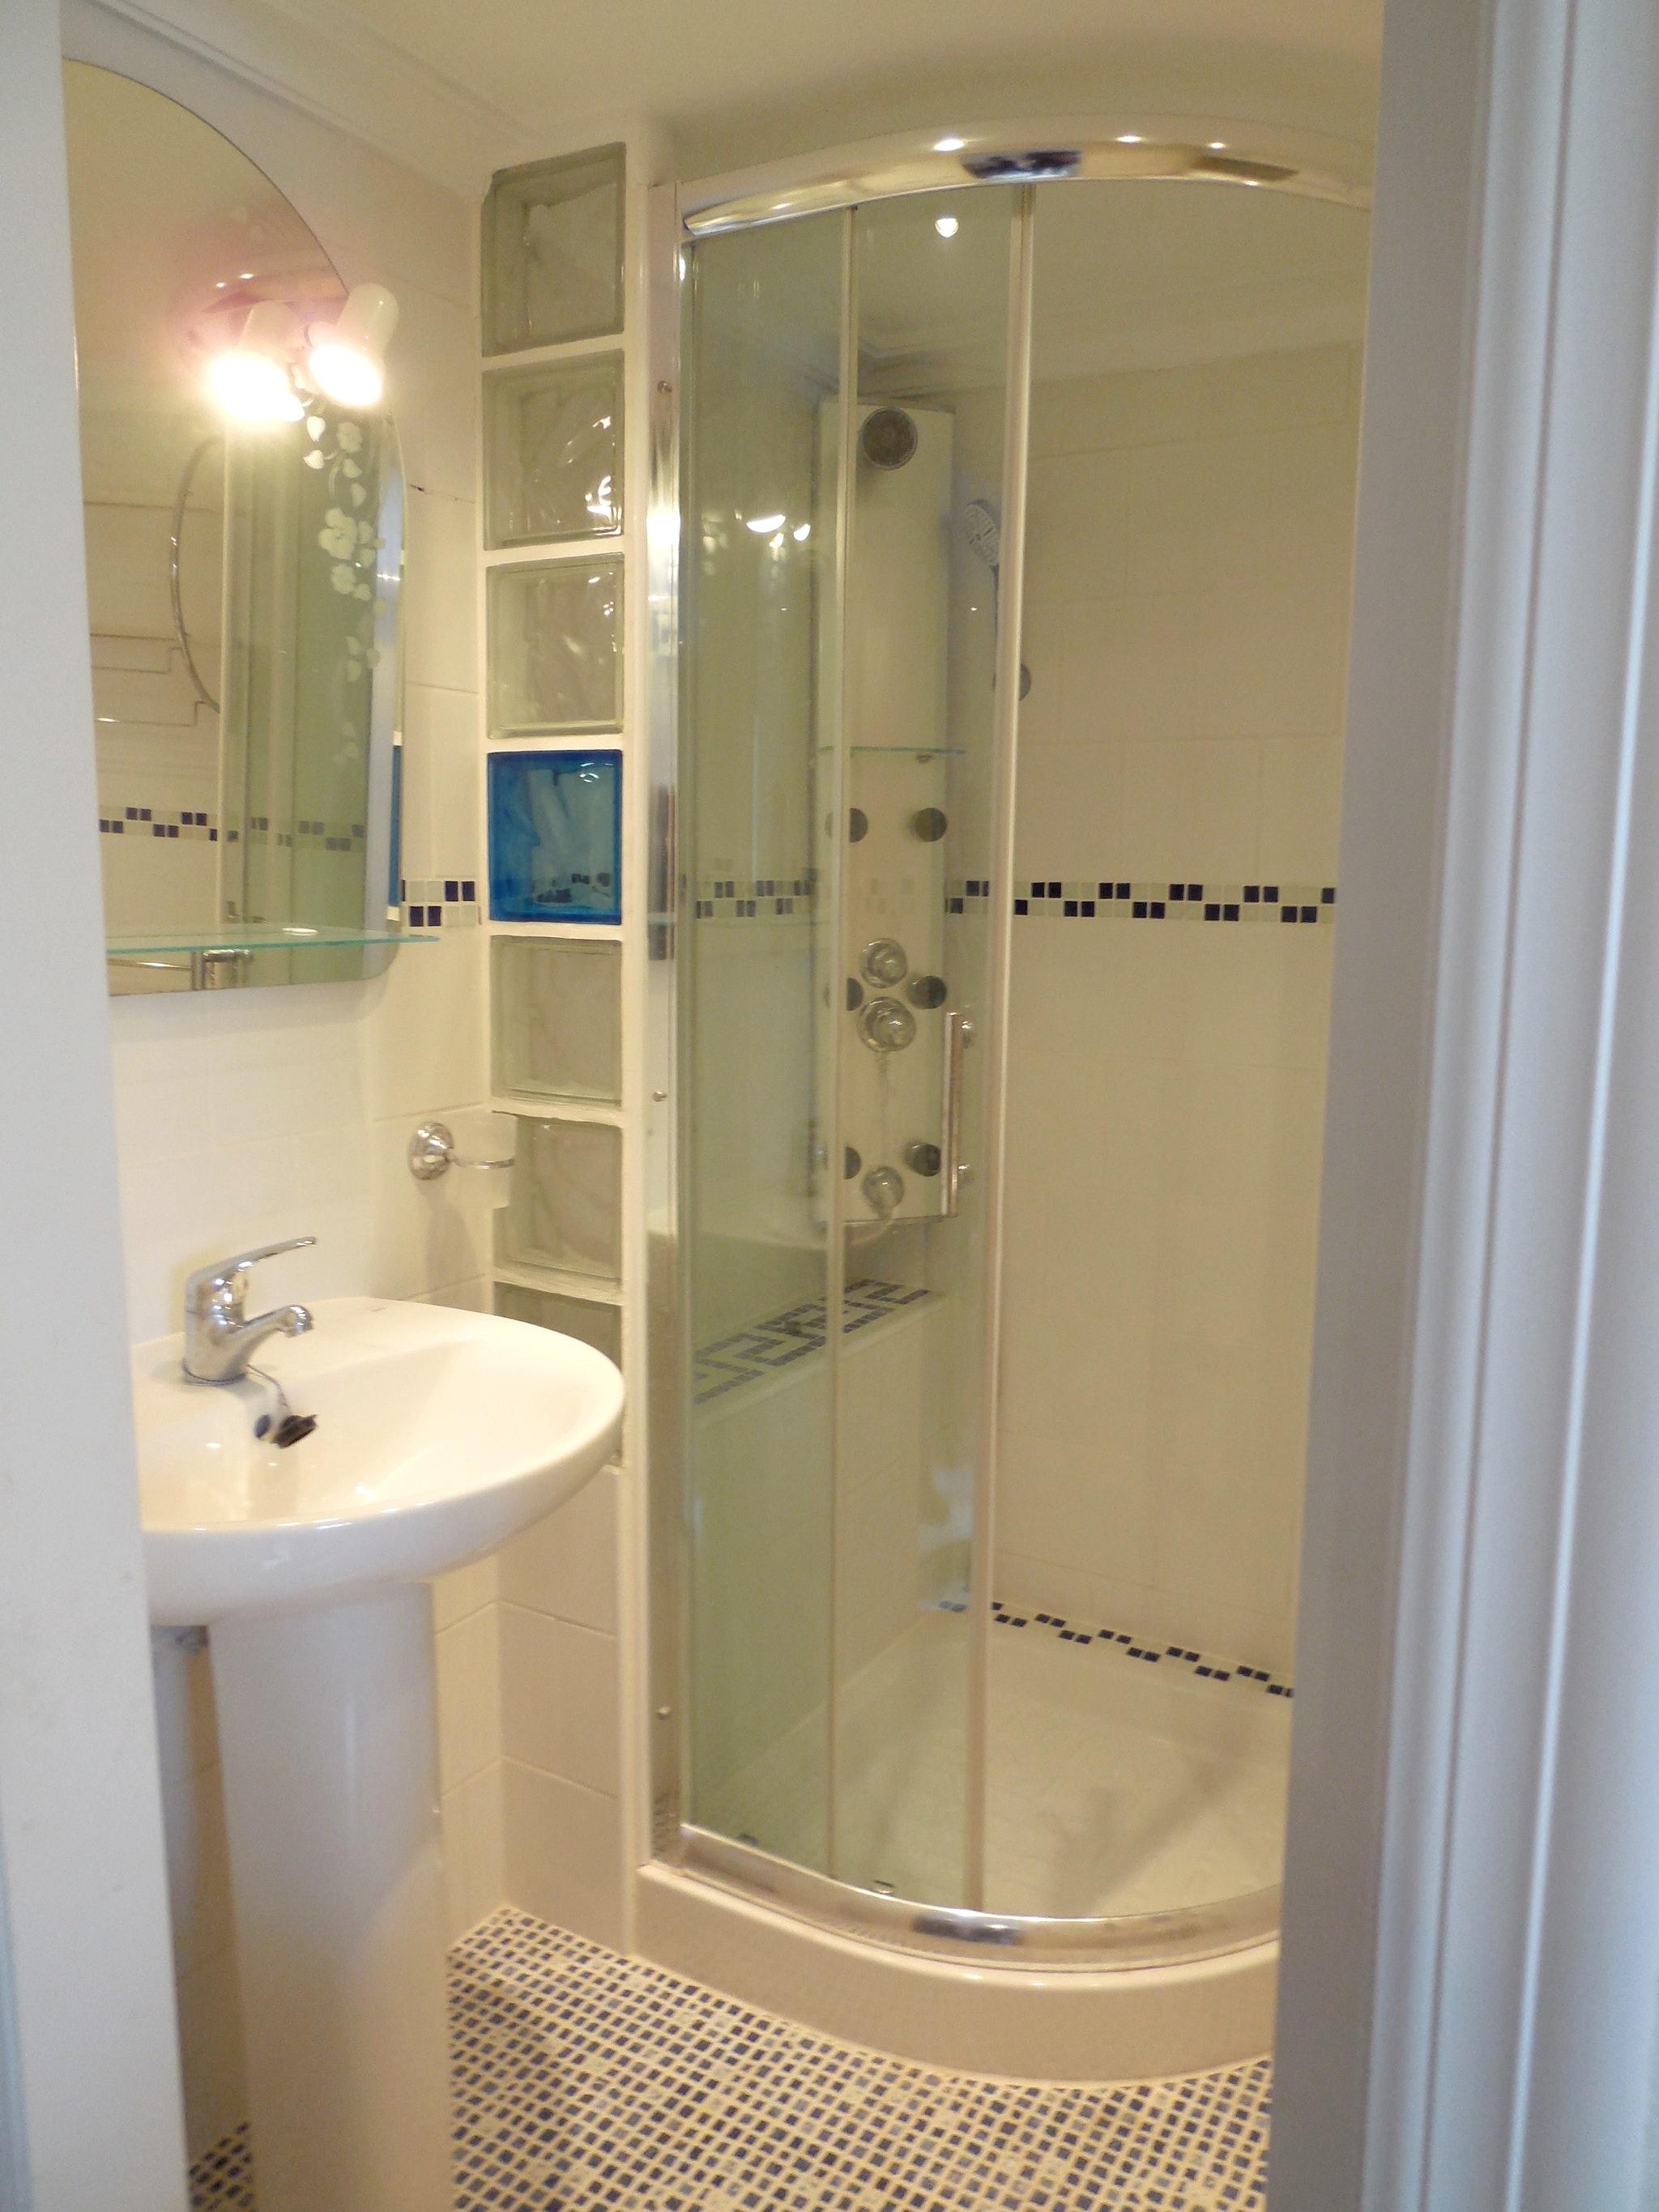 Maison de vacances Villa mit 2 Schlafzimmern in Mazarrón mit toller Aussicht auf die Berge, privatem Pool, ei (2632538), Mazarron, Costa Calida, Murcie, Espagne, image 30